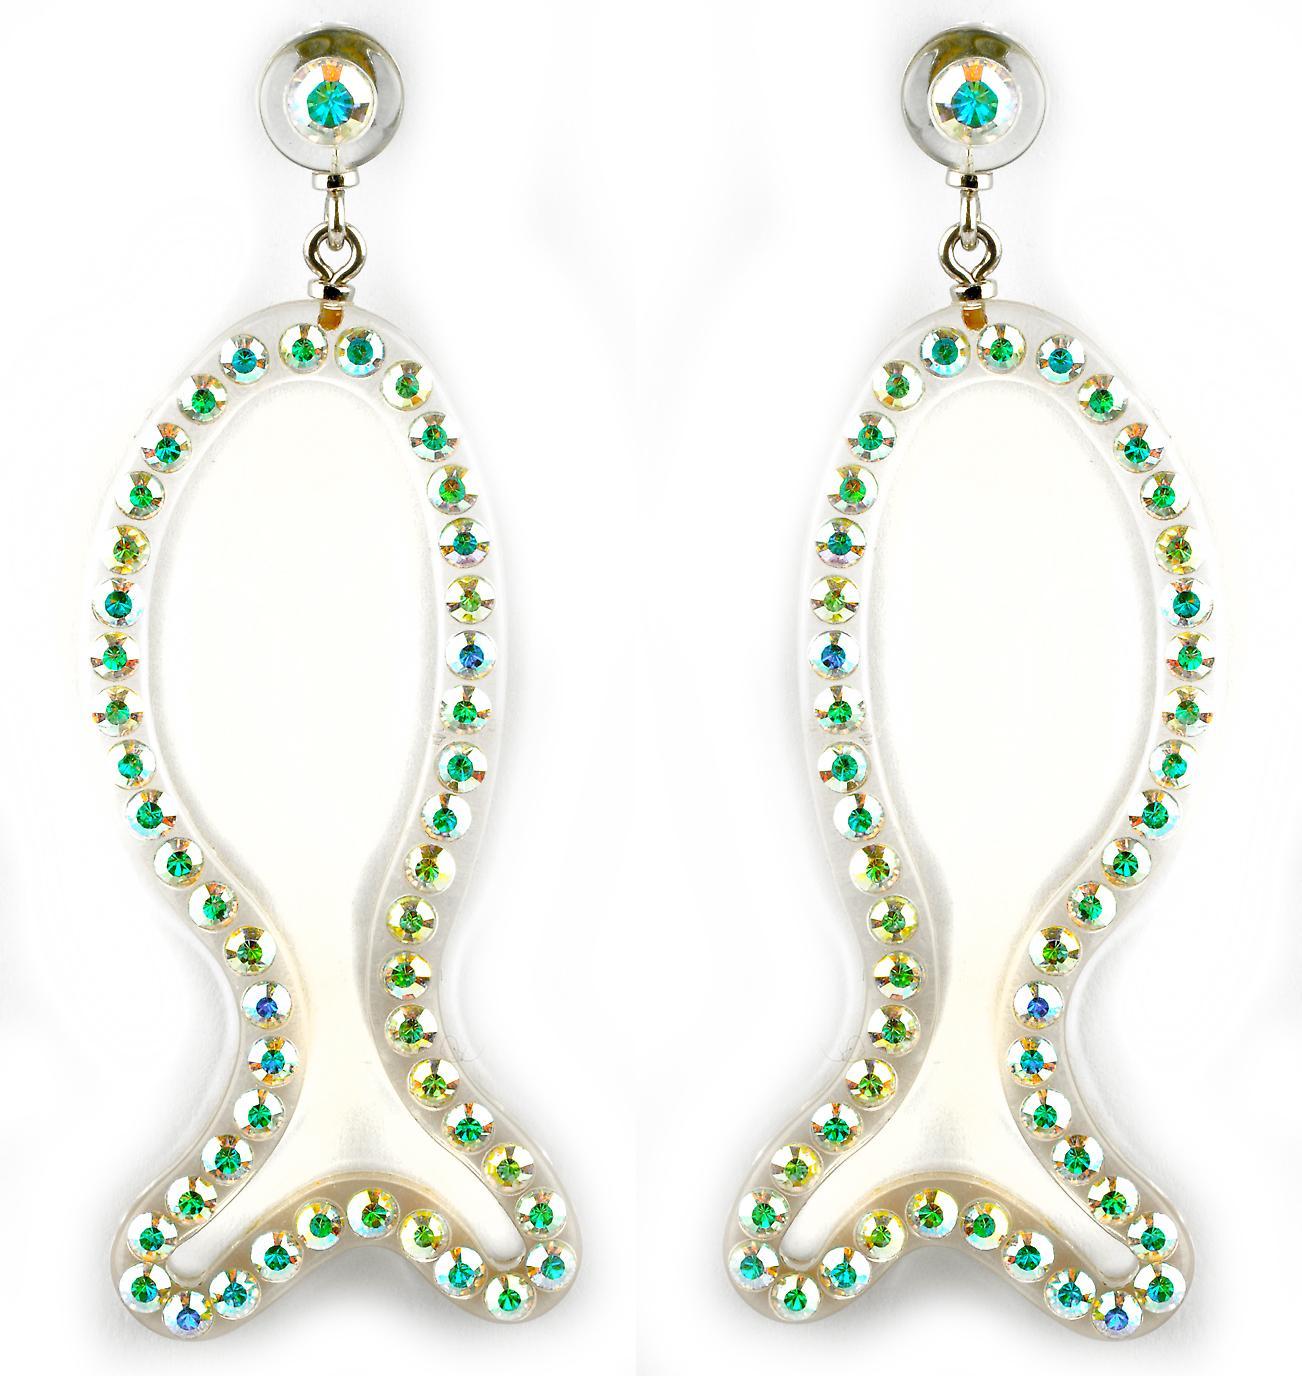 Waooh - Bijoux Fantaisie - WJ0704 - Boucles D'Oreille avec Strass Swarovski Style Diamant sertis sur Monture Perspex Blanche en forme de Poisson